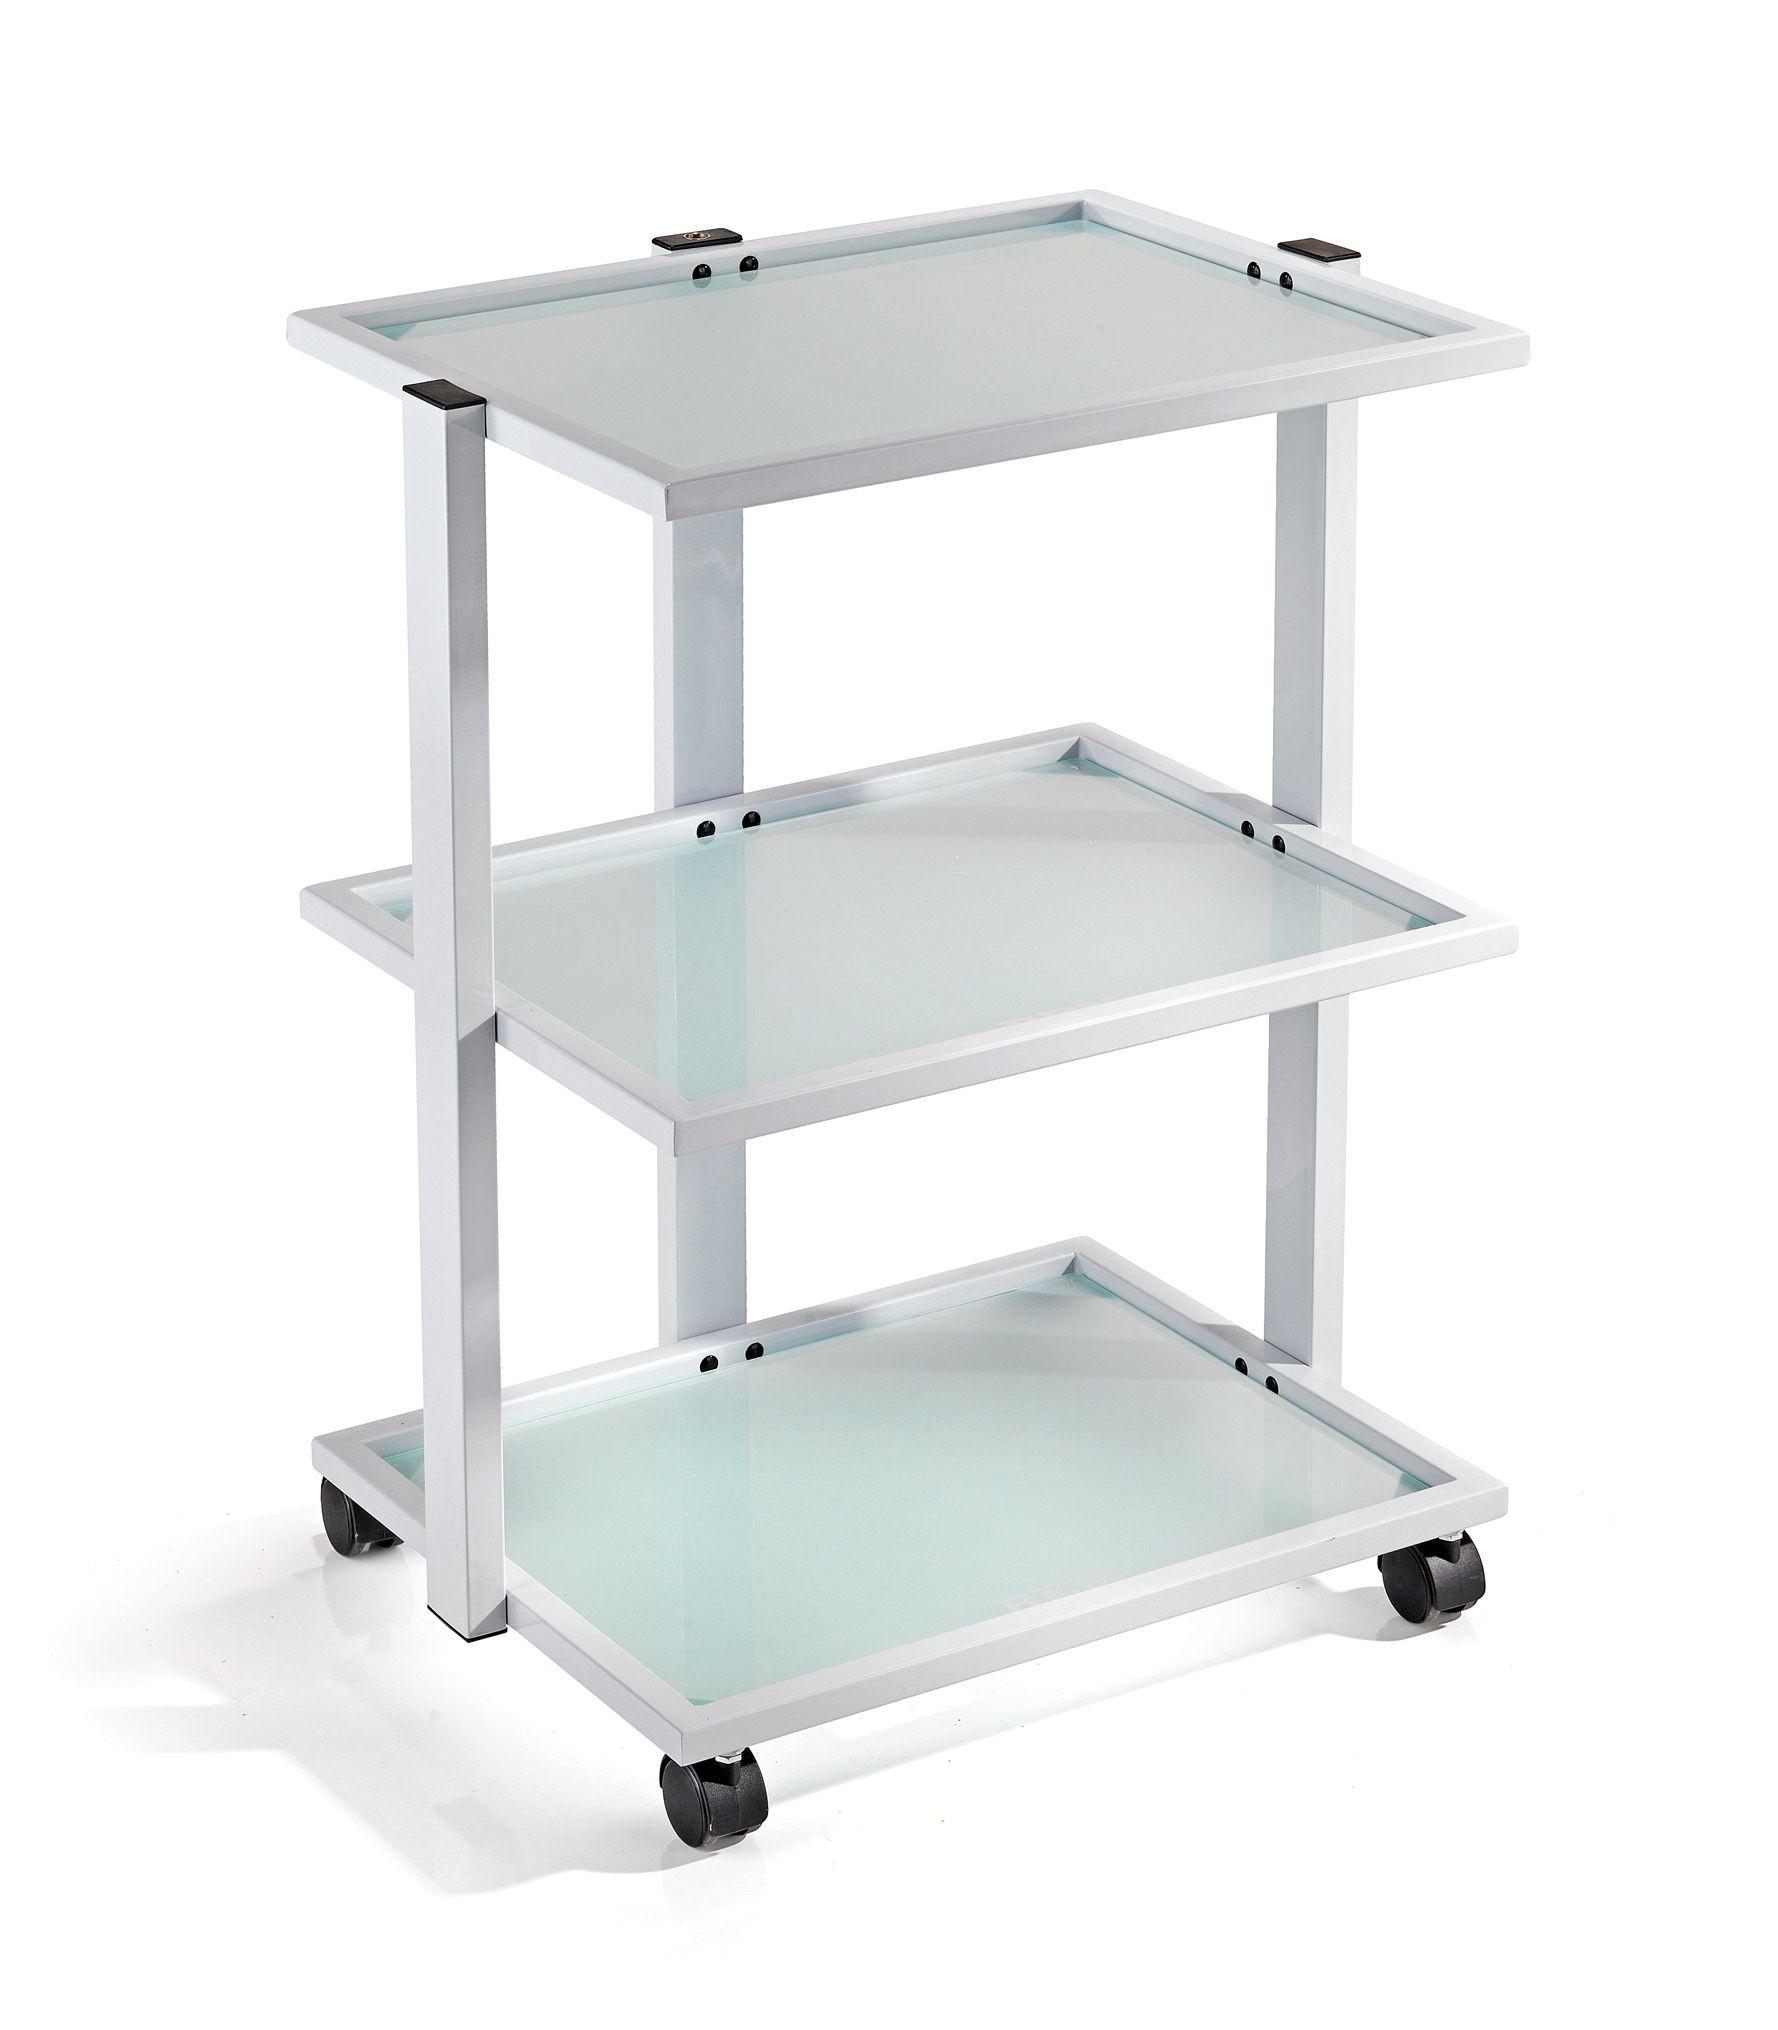 Stratus Beauty Trolley By Rem Www Rem Co Uk Salon Furniture Beauty Salon Furniture Salon Equipment